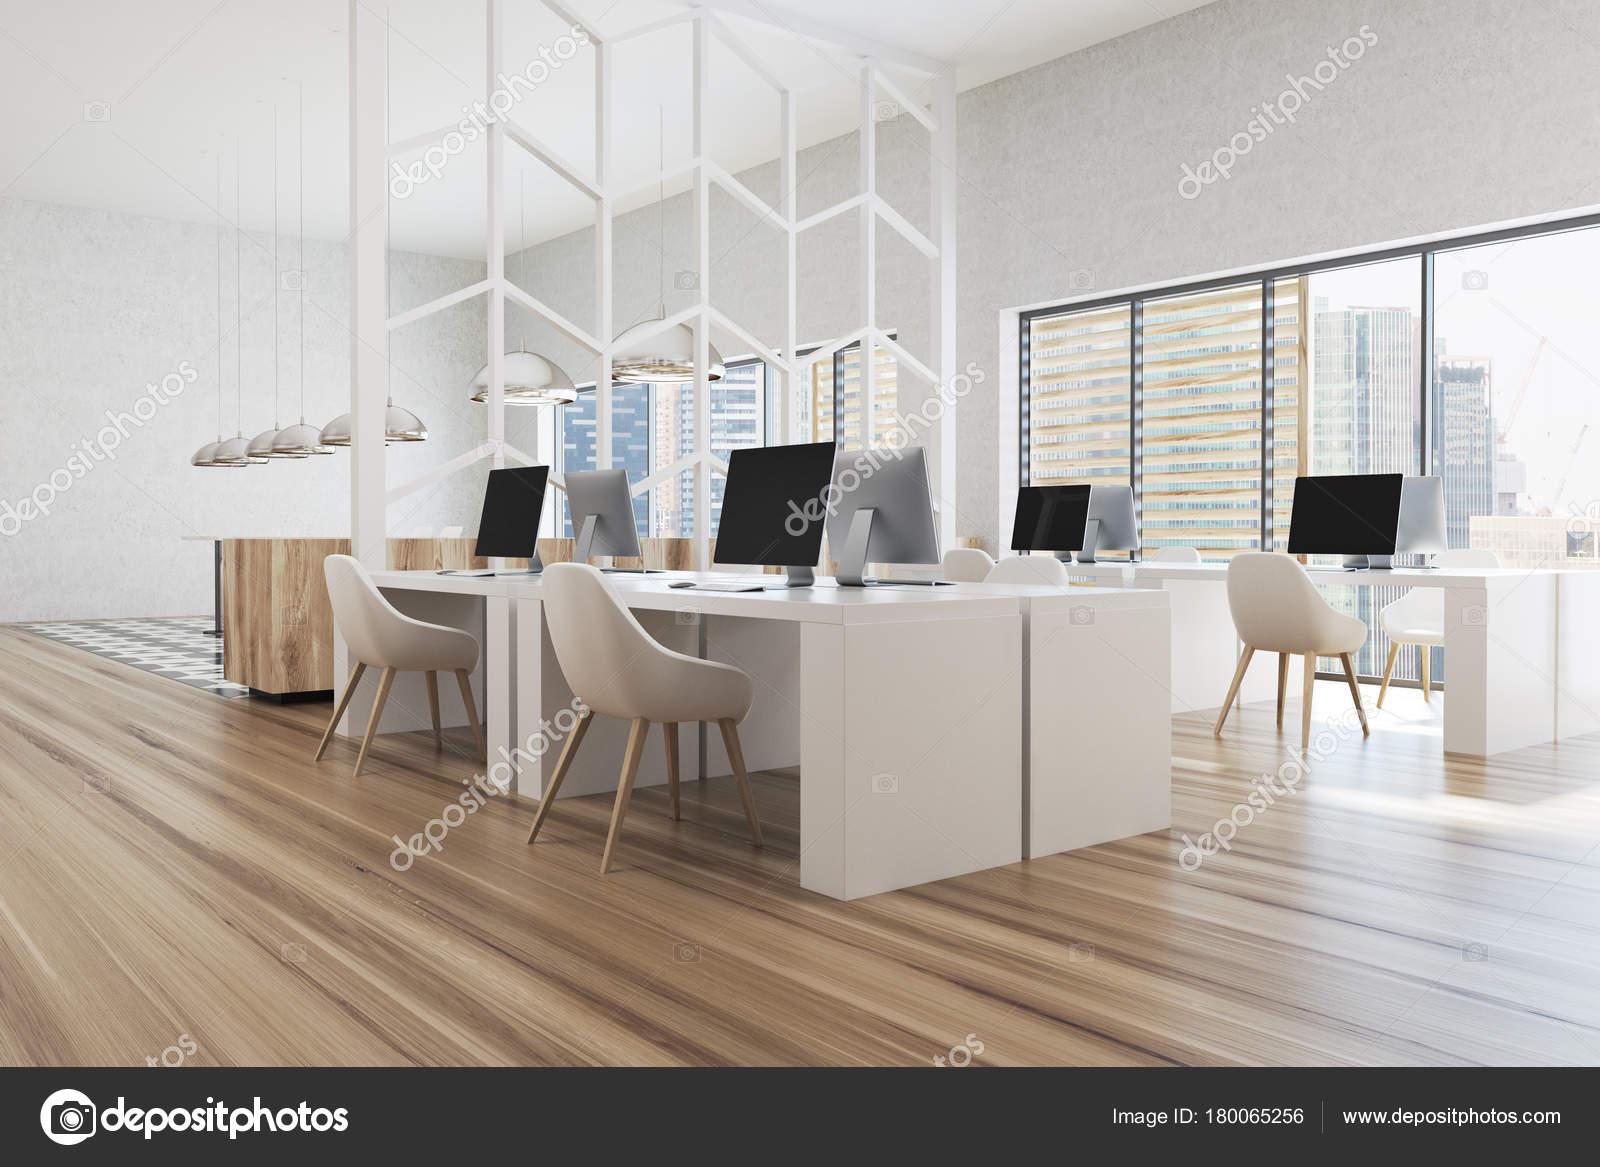 Moderne Weiße Büroecke Mit Weißen Wänden, Panoramafenster Und Weißen  Computertische. Ein Holzfußboden, Eine Seitenansicht. 3D Rendering Mock Up  U2014 Foto Von ...